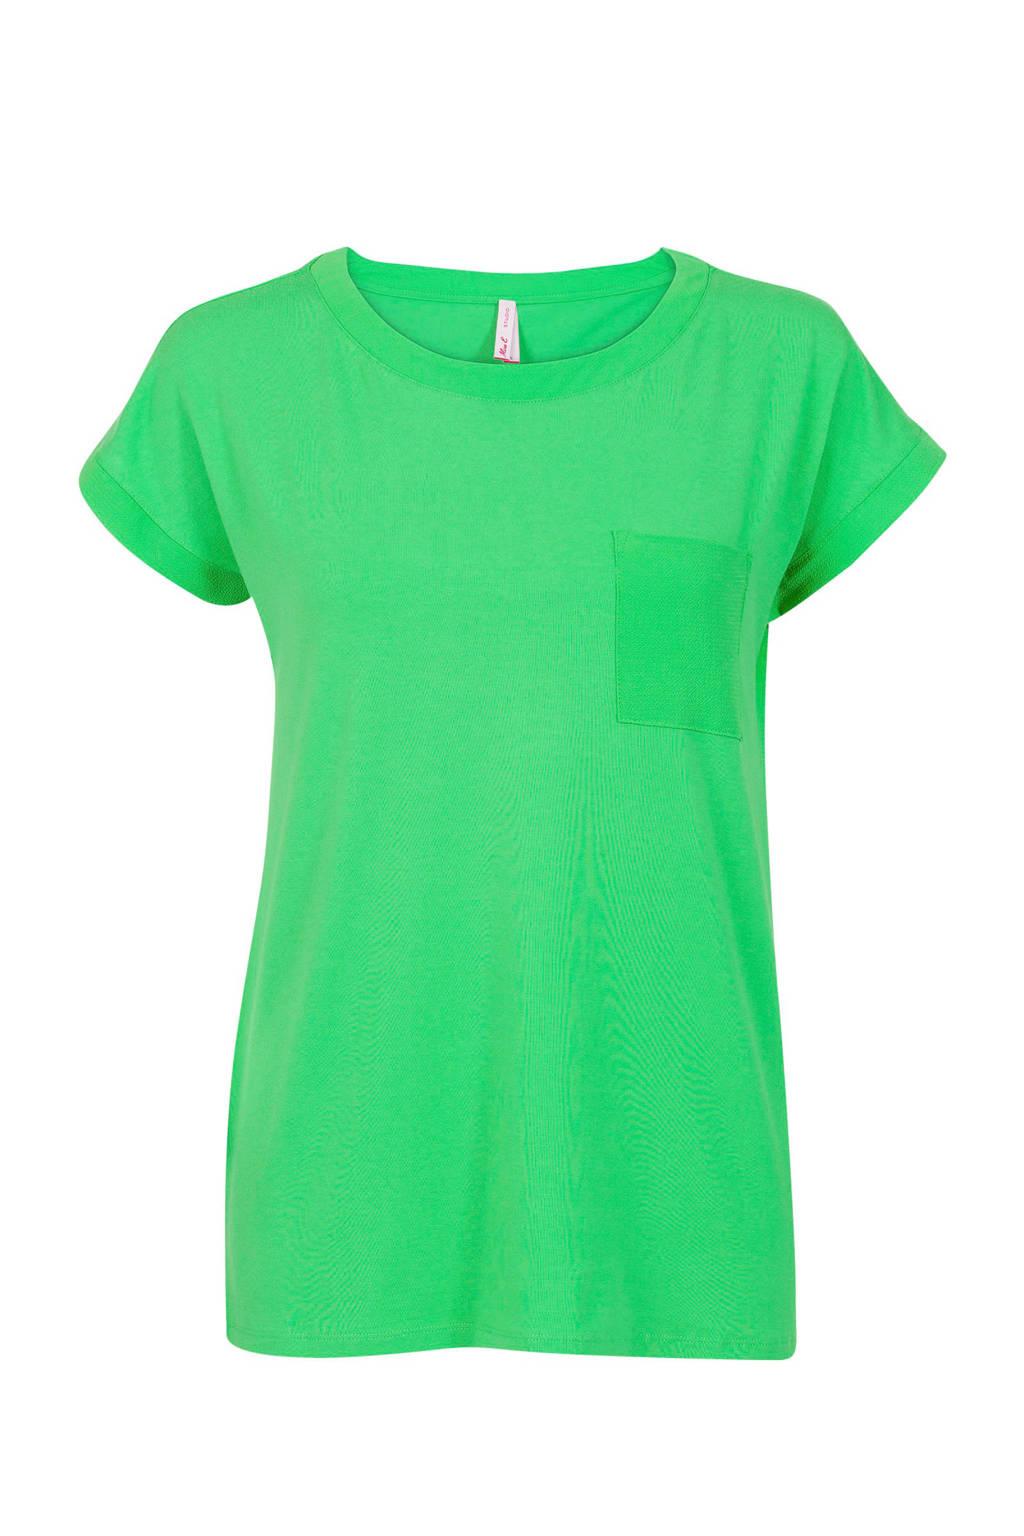 Miss Etam Regulier T-shirt fel groen, Fel groen